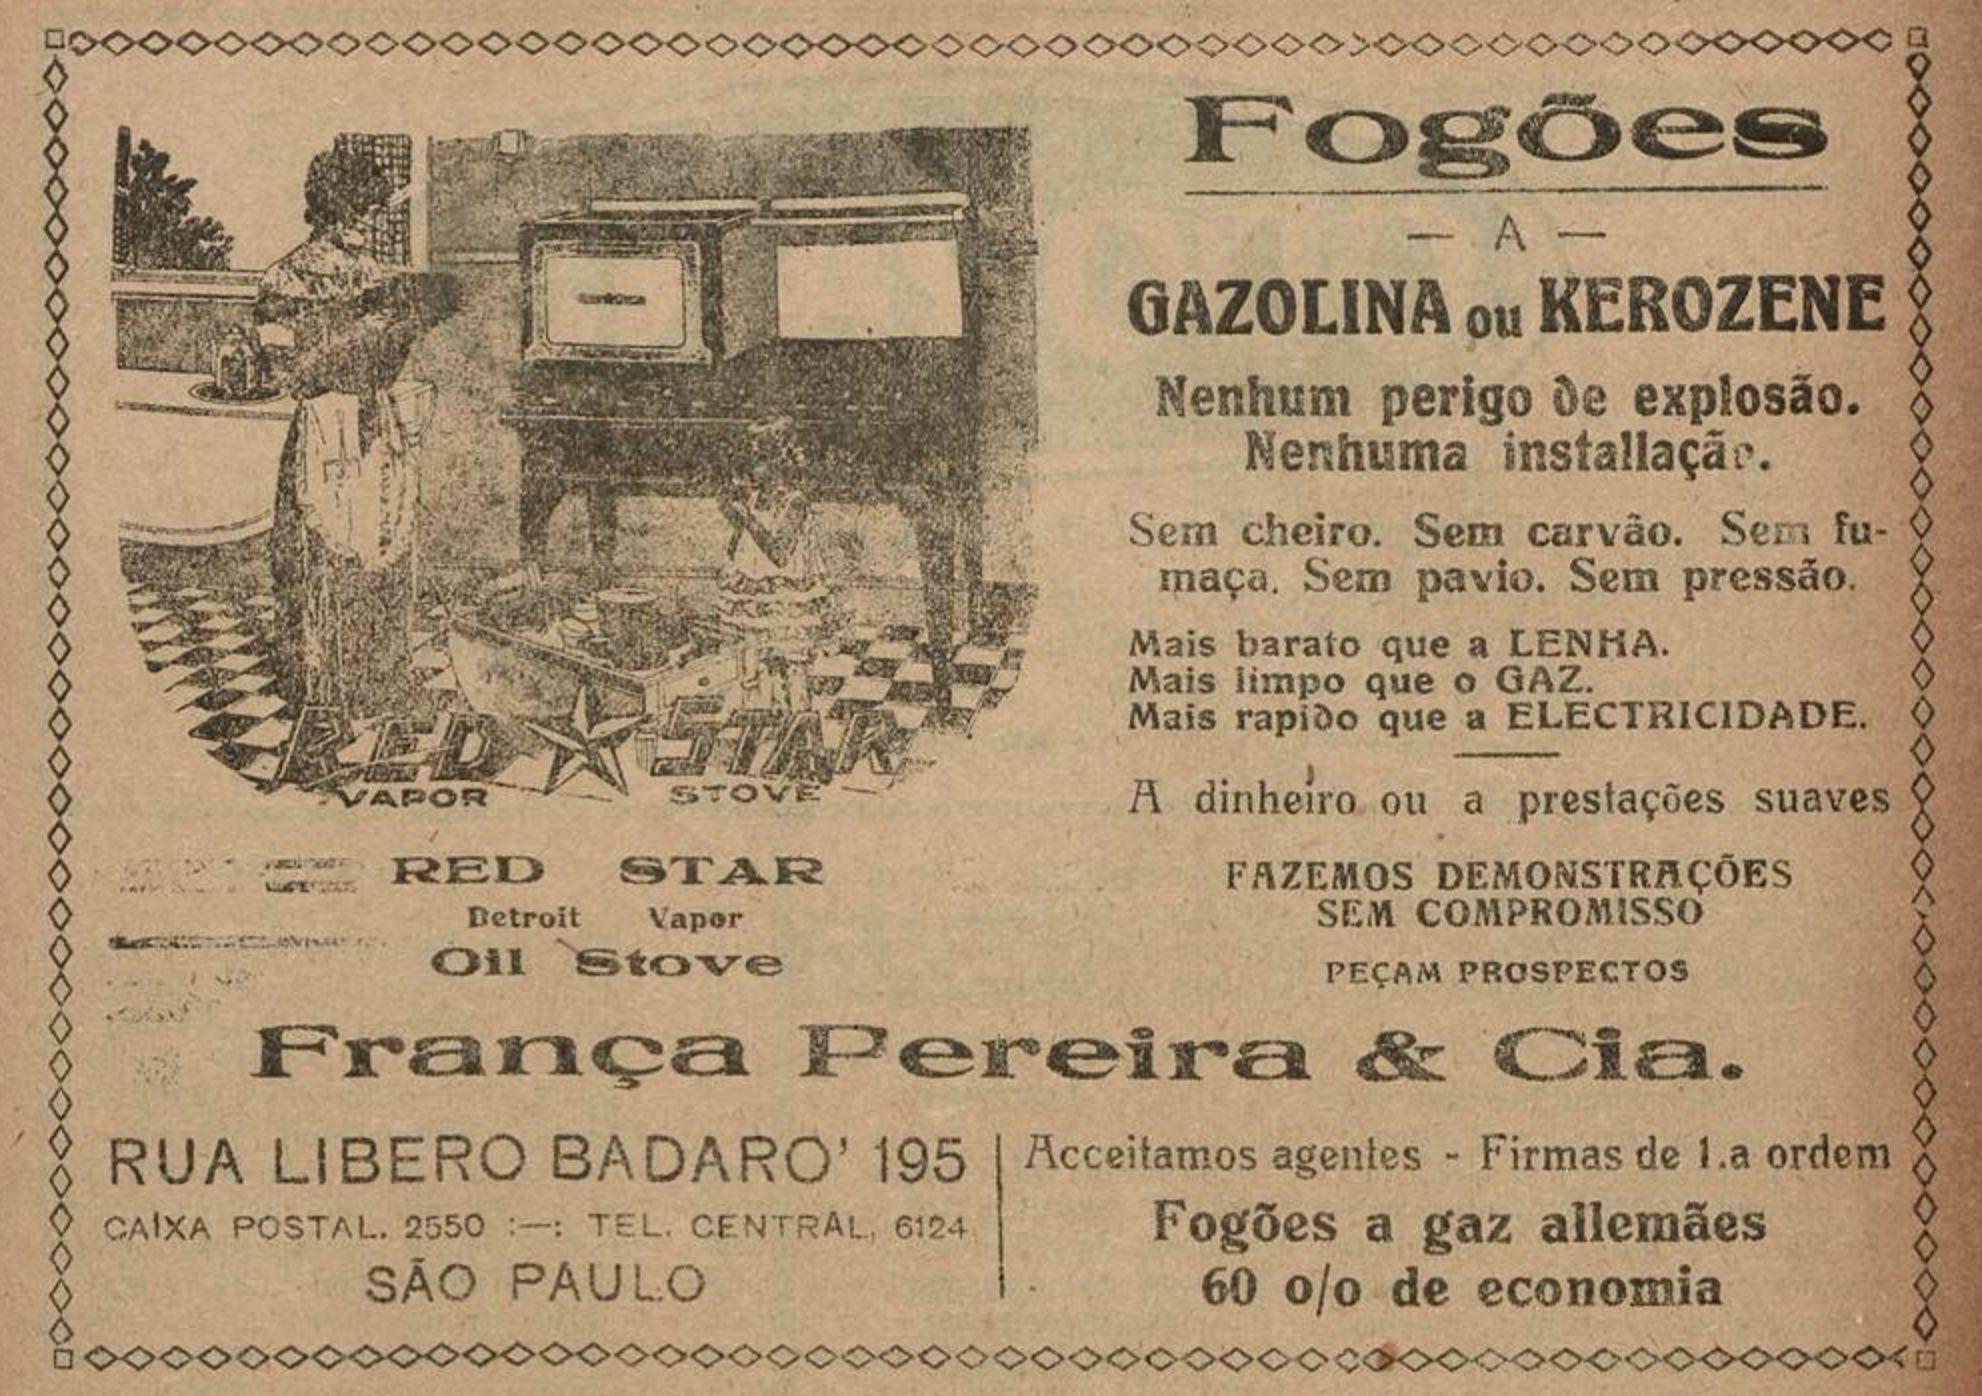 Anúncio de 1925 promovia os fogões a gasolina ou querosene da Red Star